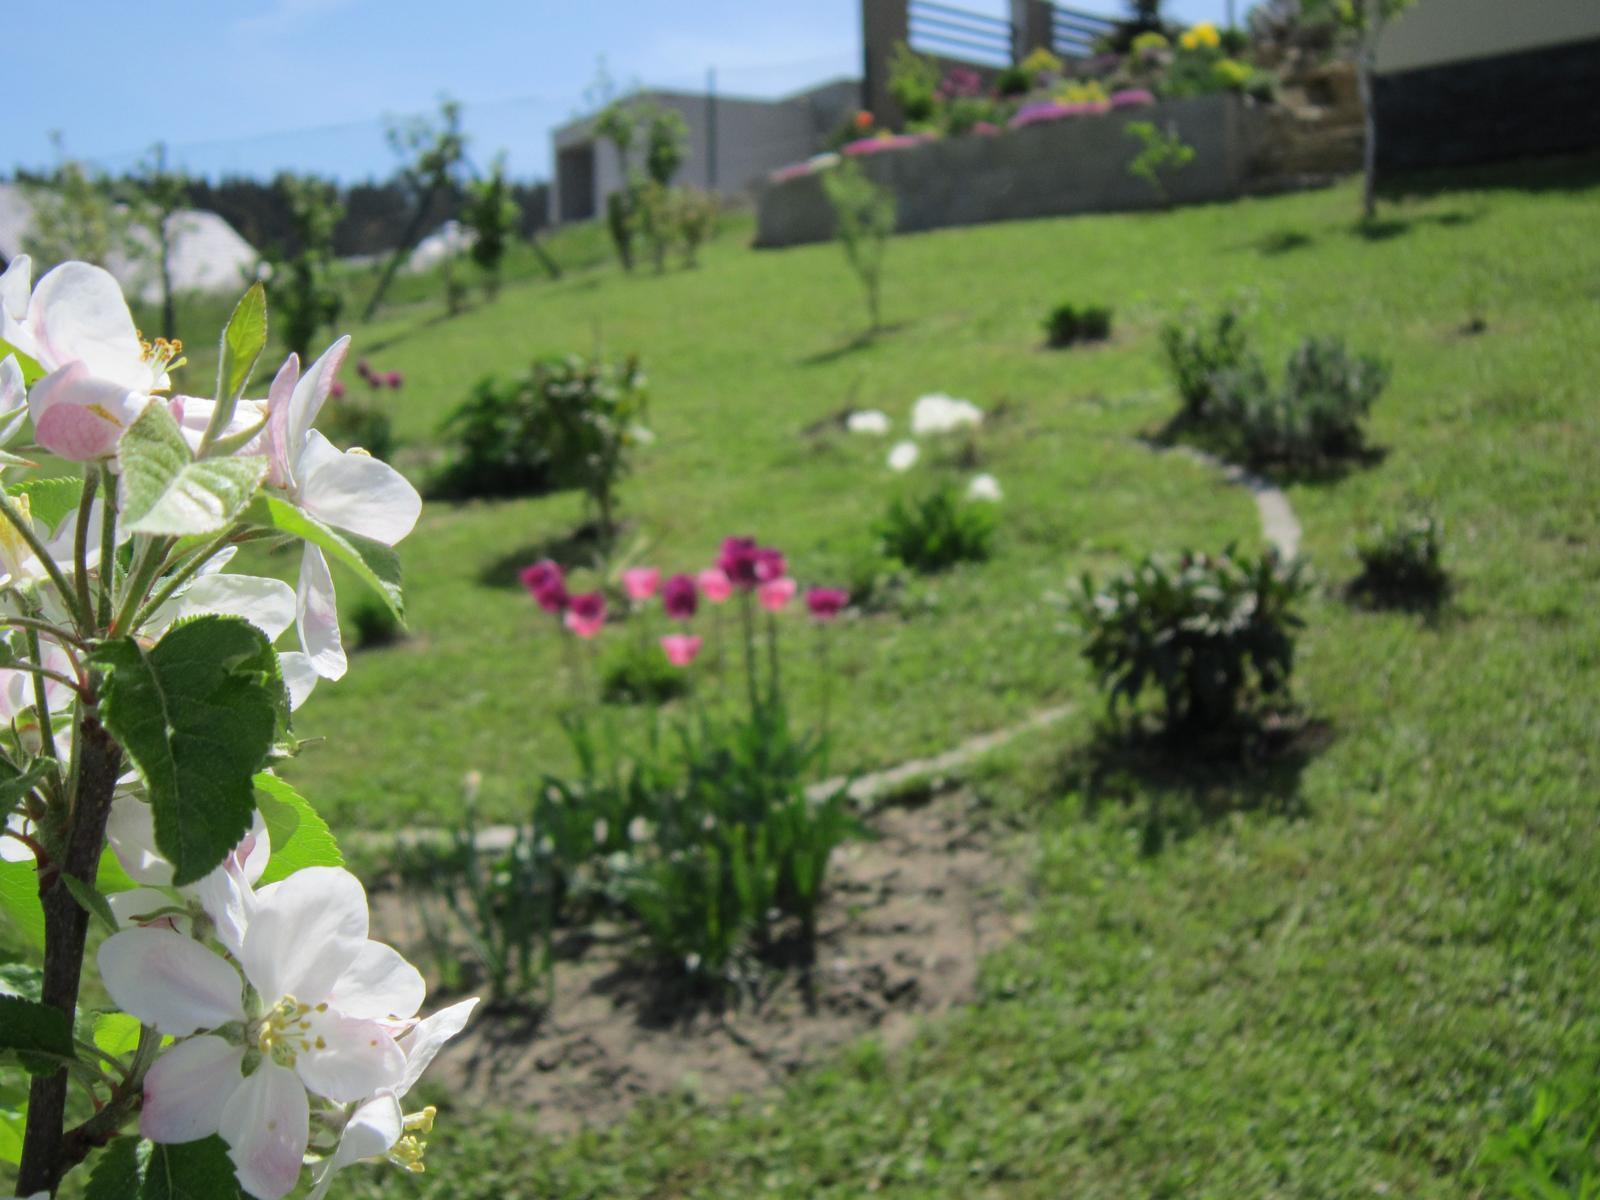 Moja záhrada...ako šiel čas - Obrázok č. 38